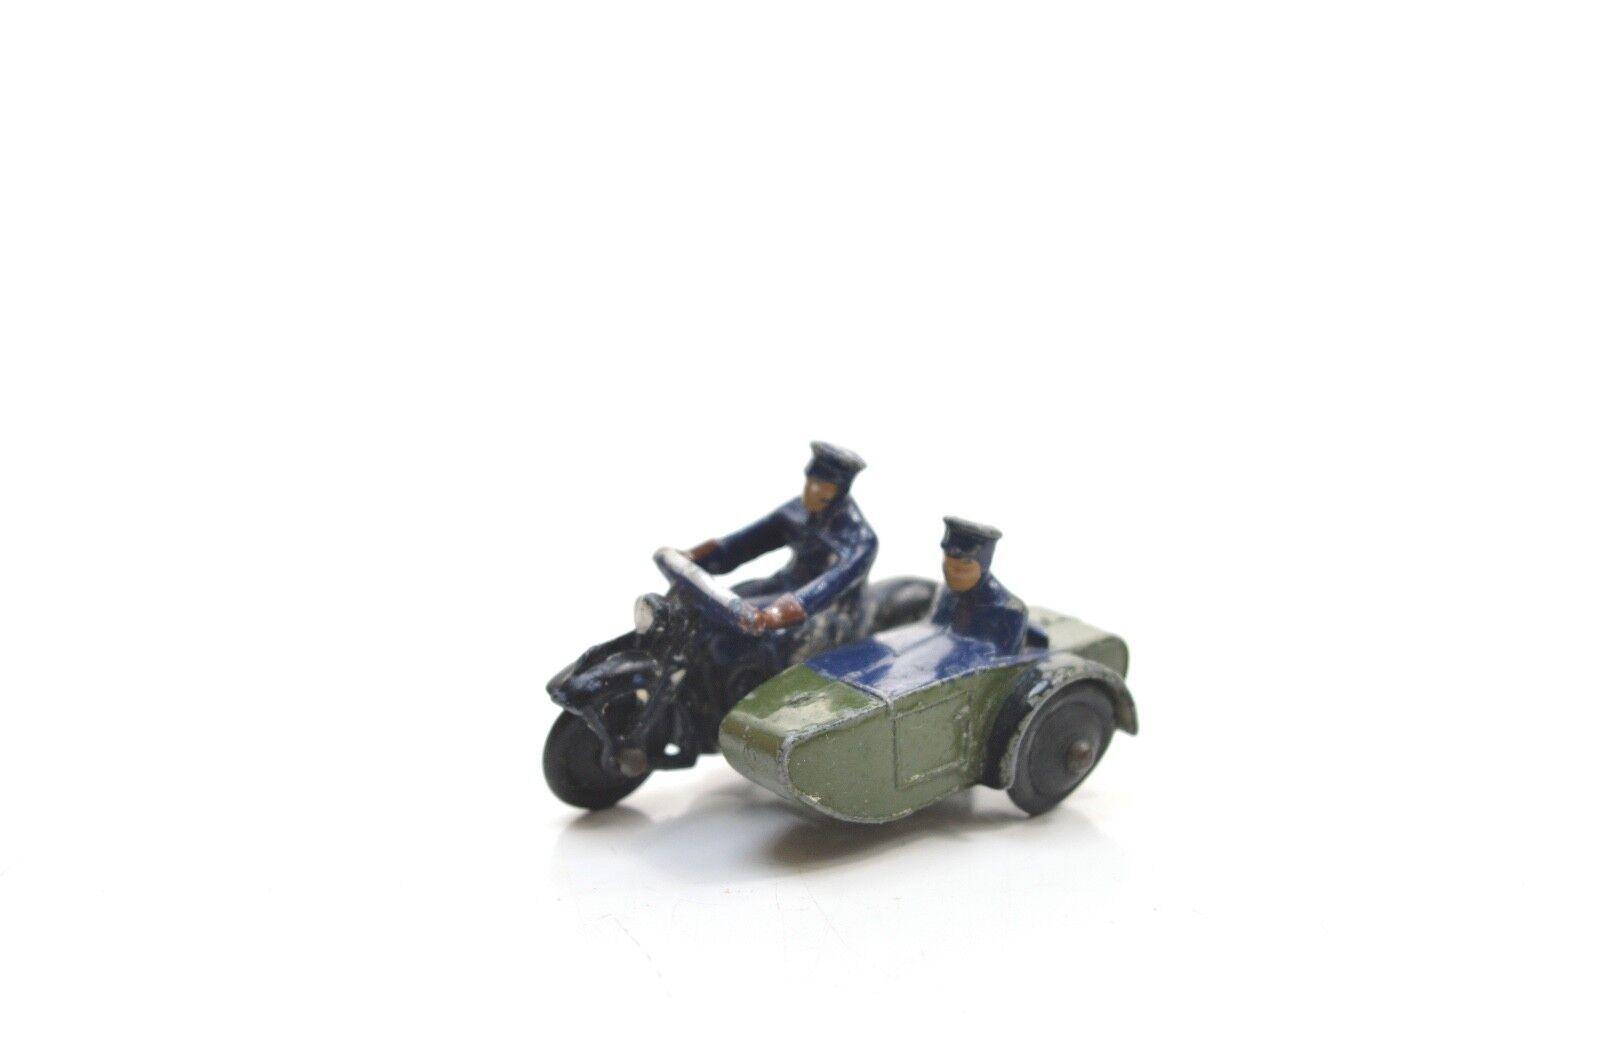 DINKY 42 POLICE MOTORCYCLE PATROL